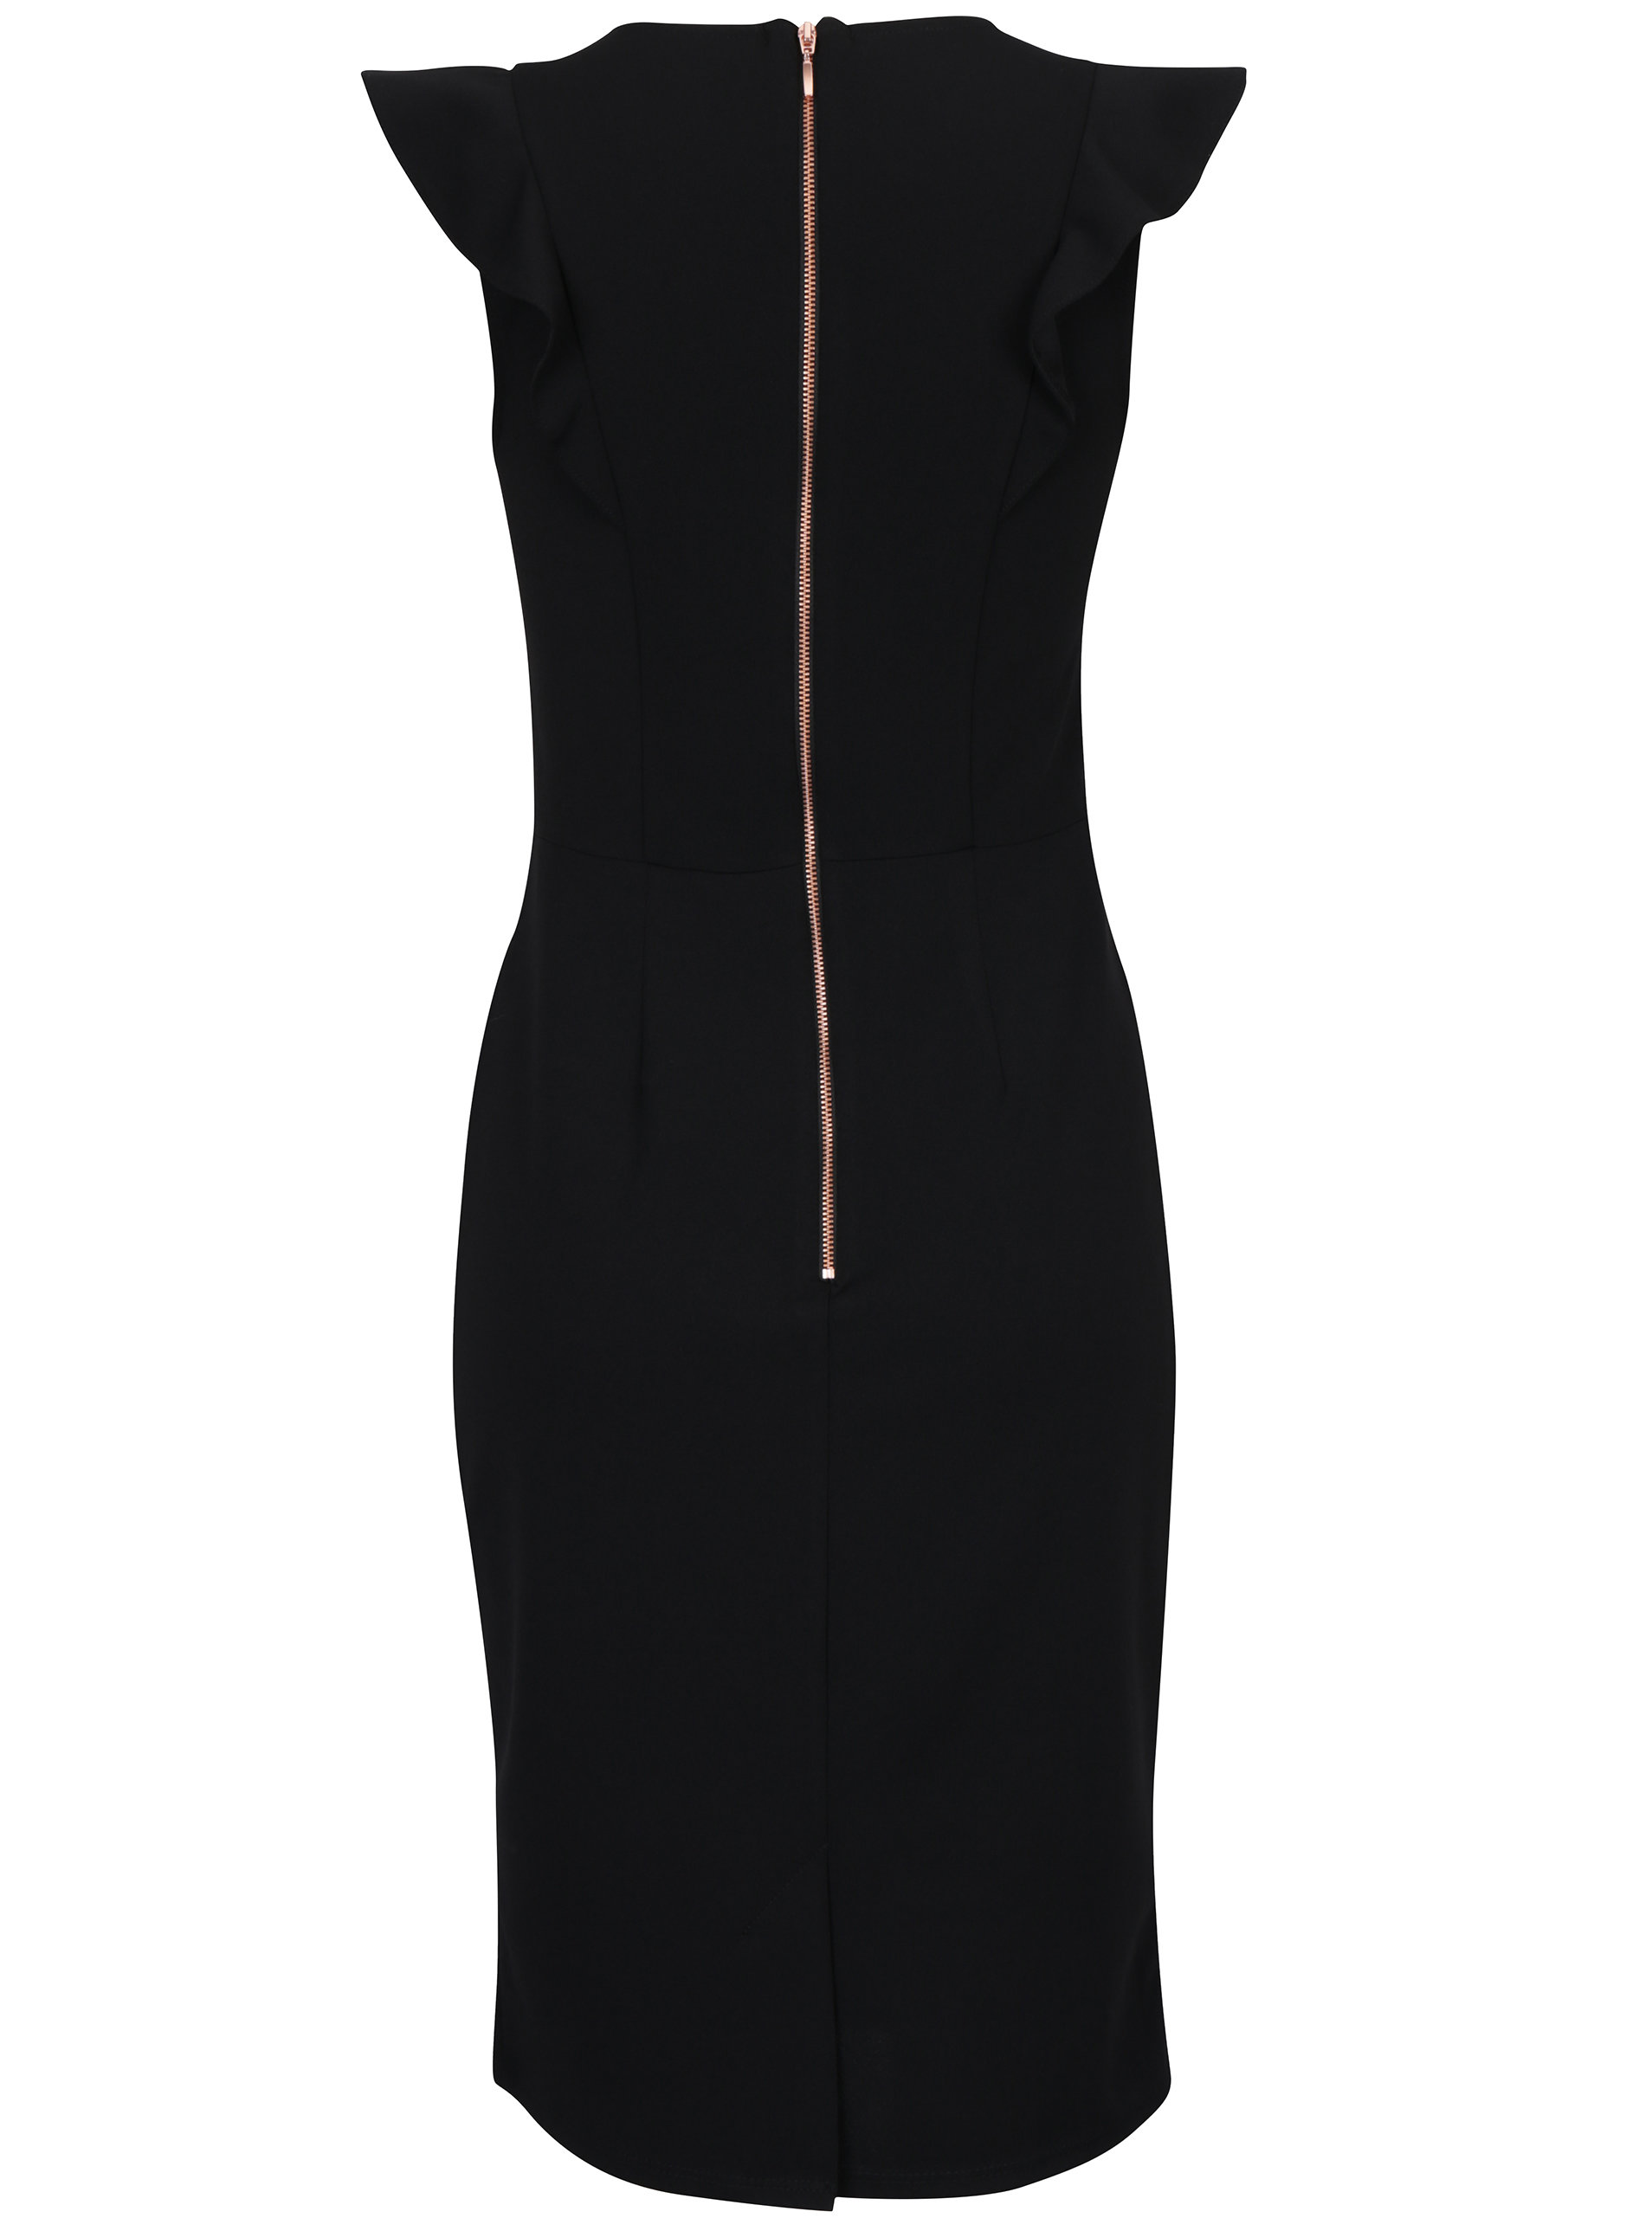 Černé pouzdrové šaty se zipem na zádech Dorothy Perkins ... ee4d709a67